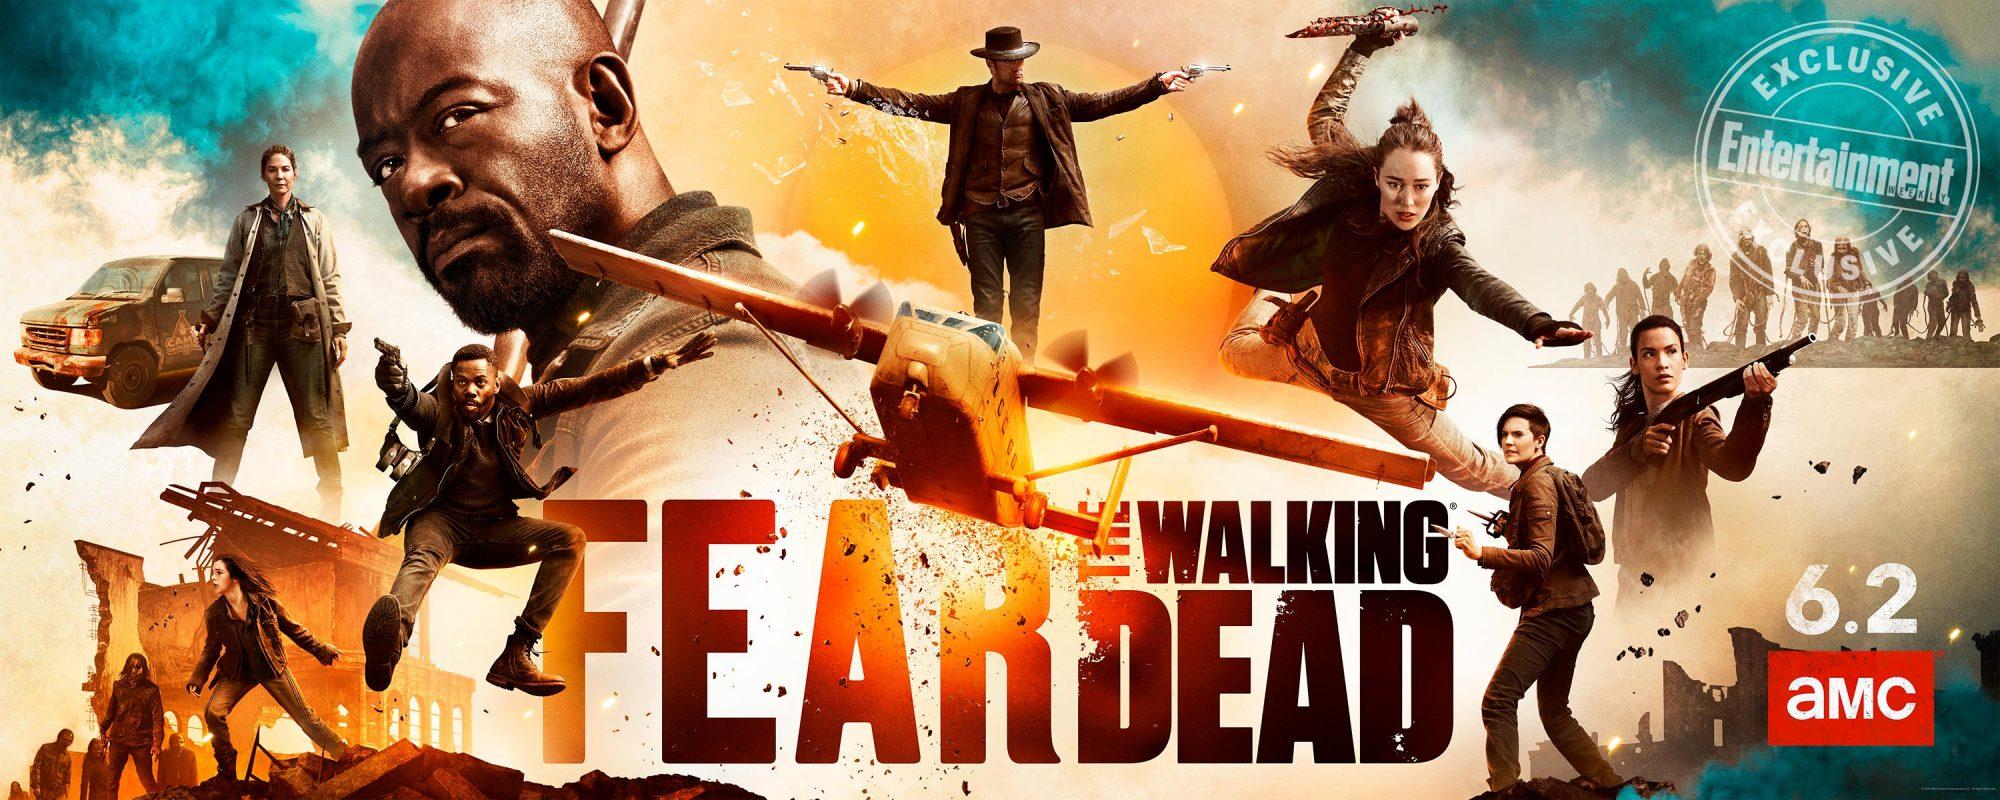 Fear the Walking Dead key art CR: AMC